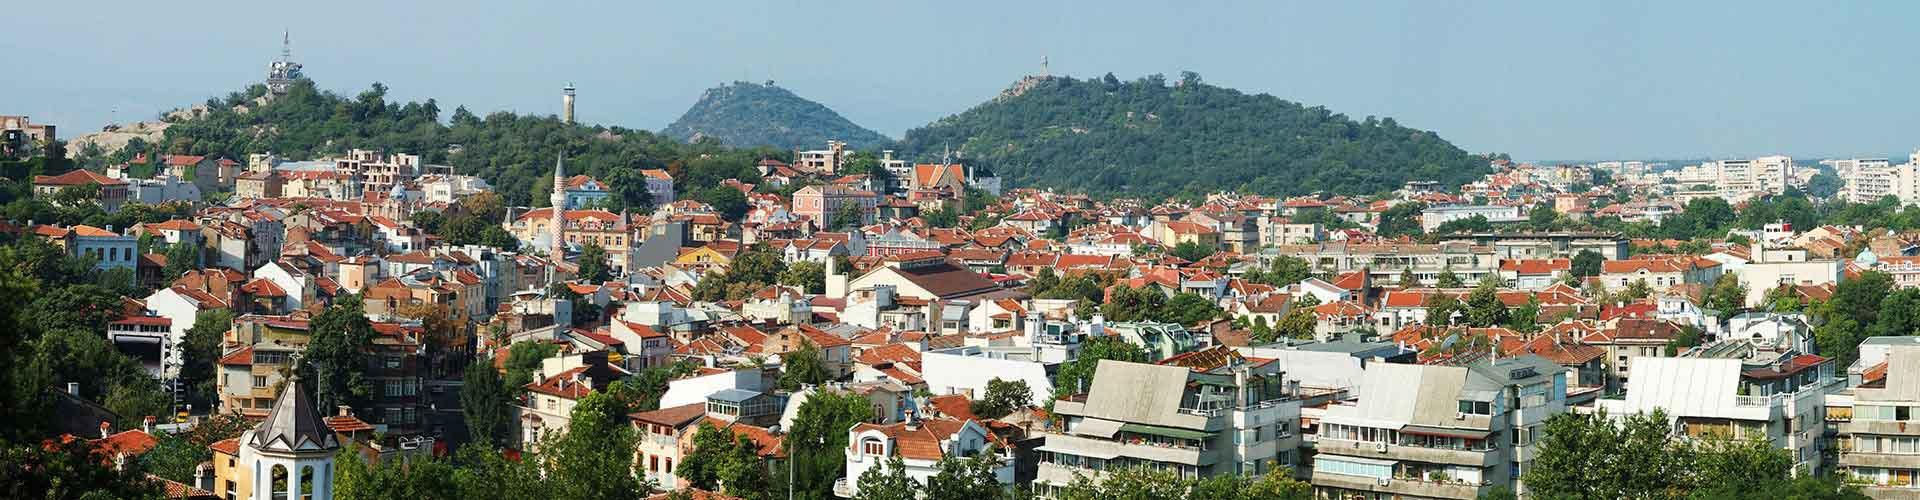 Plovdiv - Habitaciones en el distrito Stariya grad. Mapas de Plovdiv, Fotos y comentarios de cada Habitación en Plovdiv.